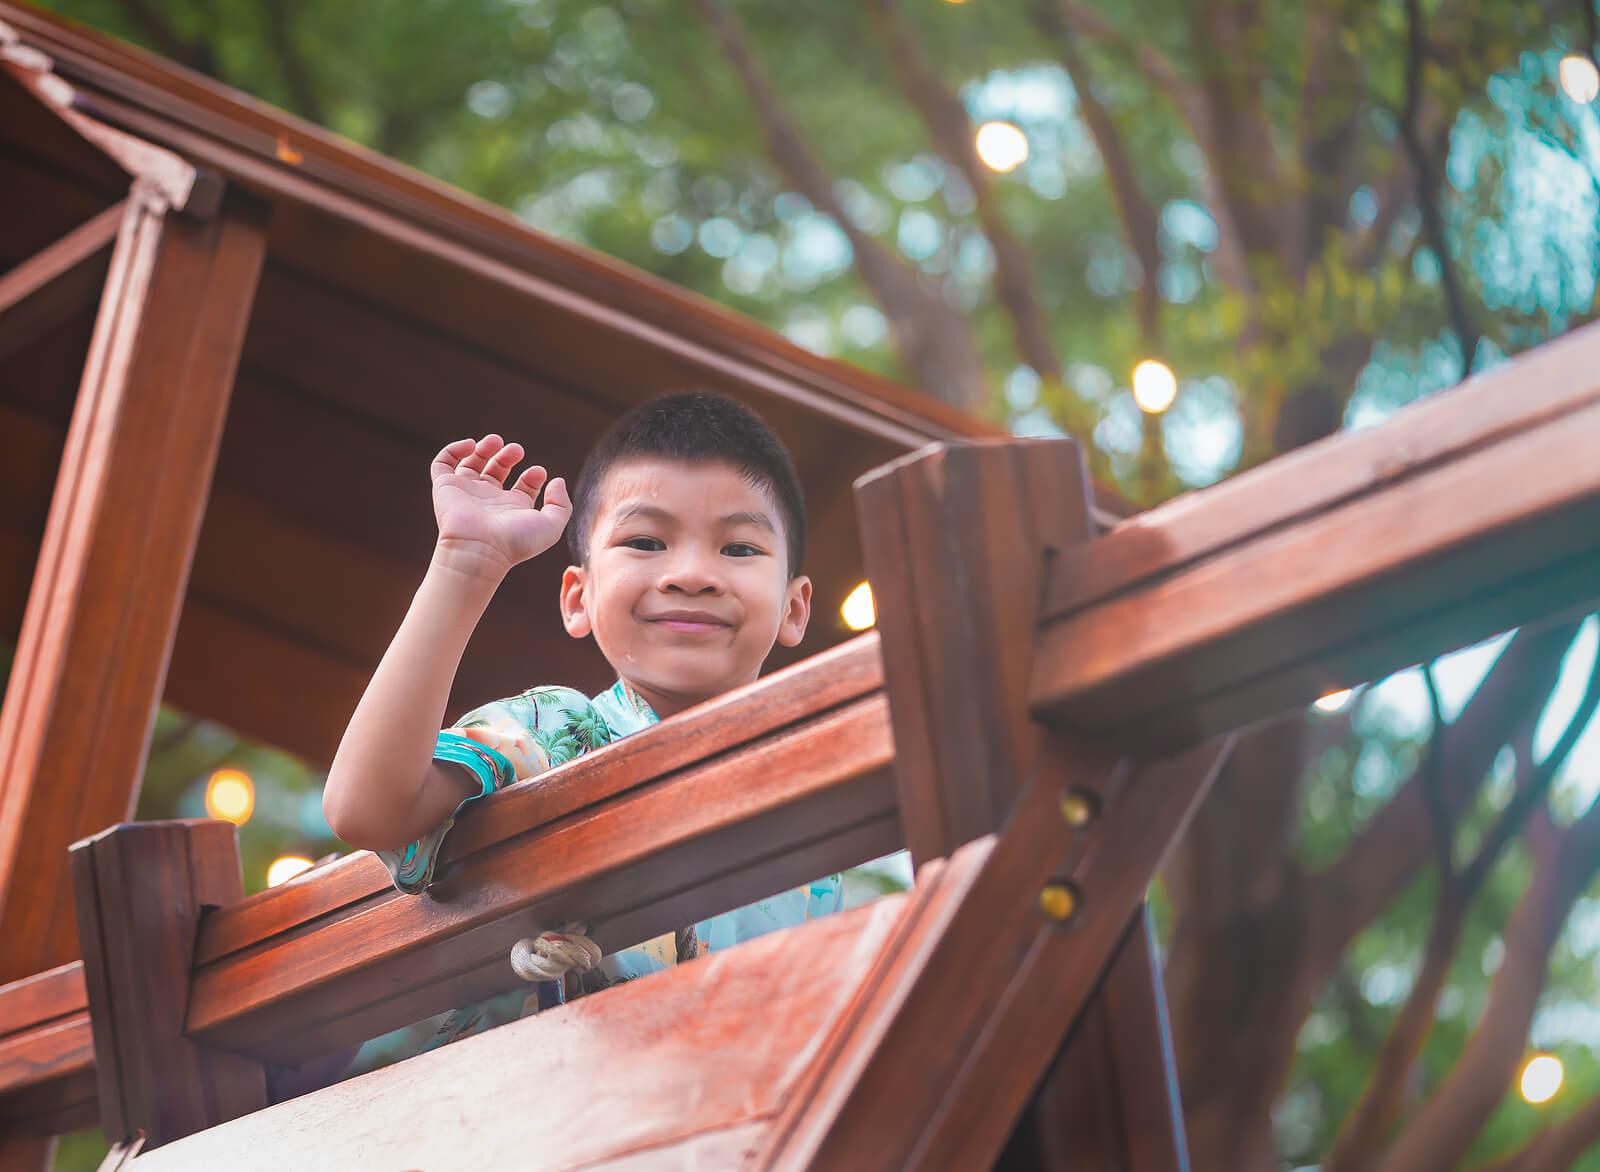 Niño jugando en un fuerte como parte del juego no estructurado.